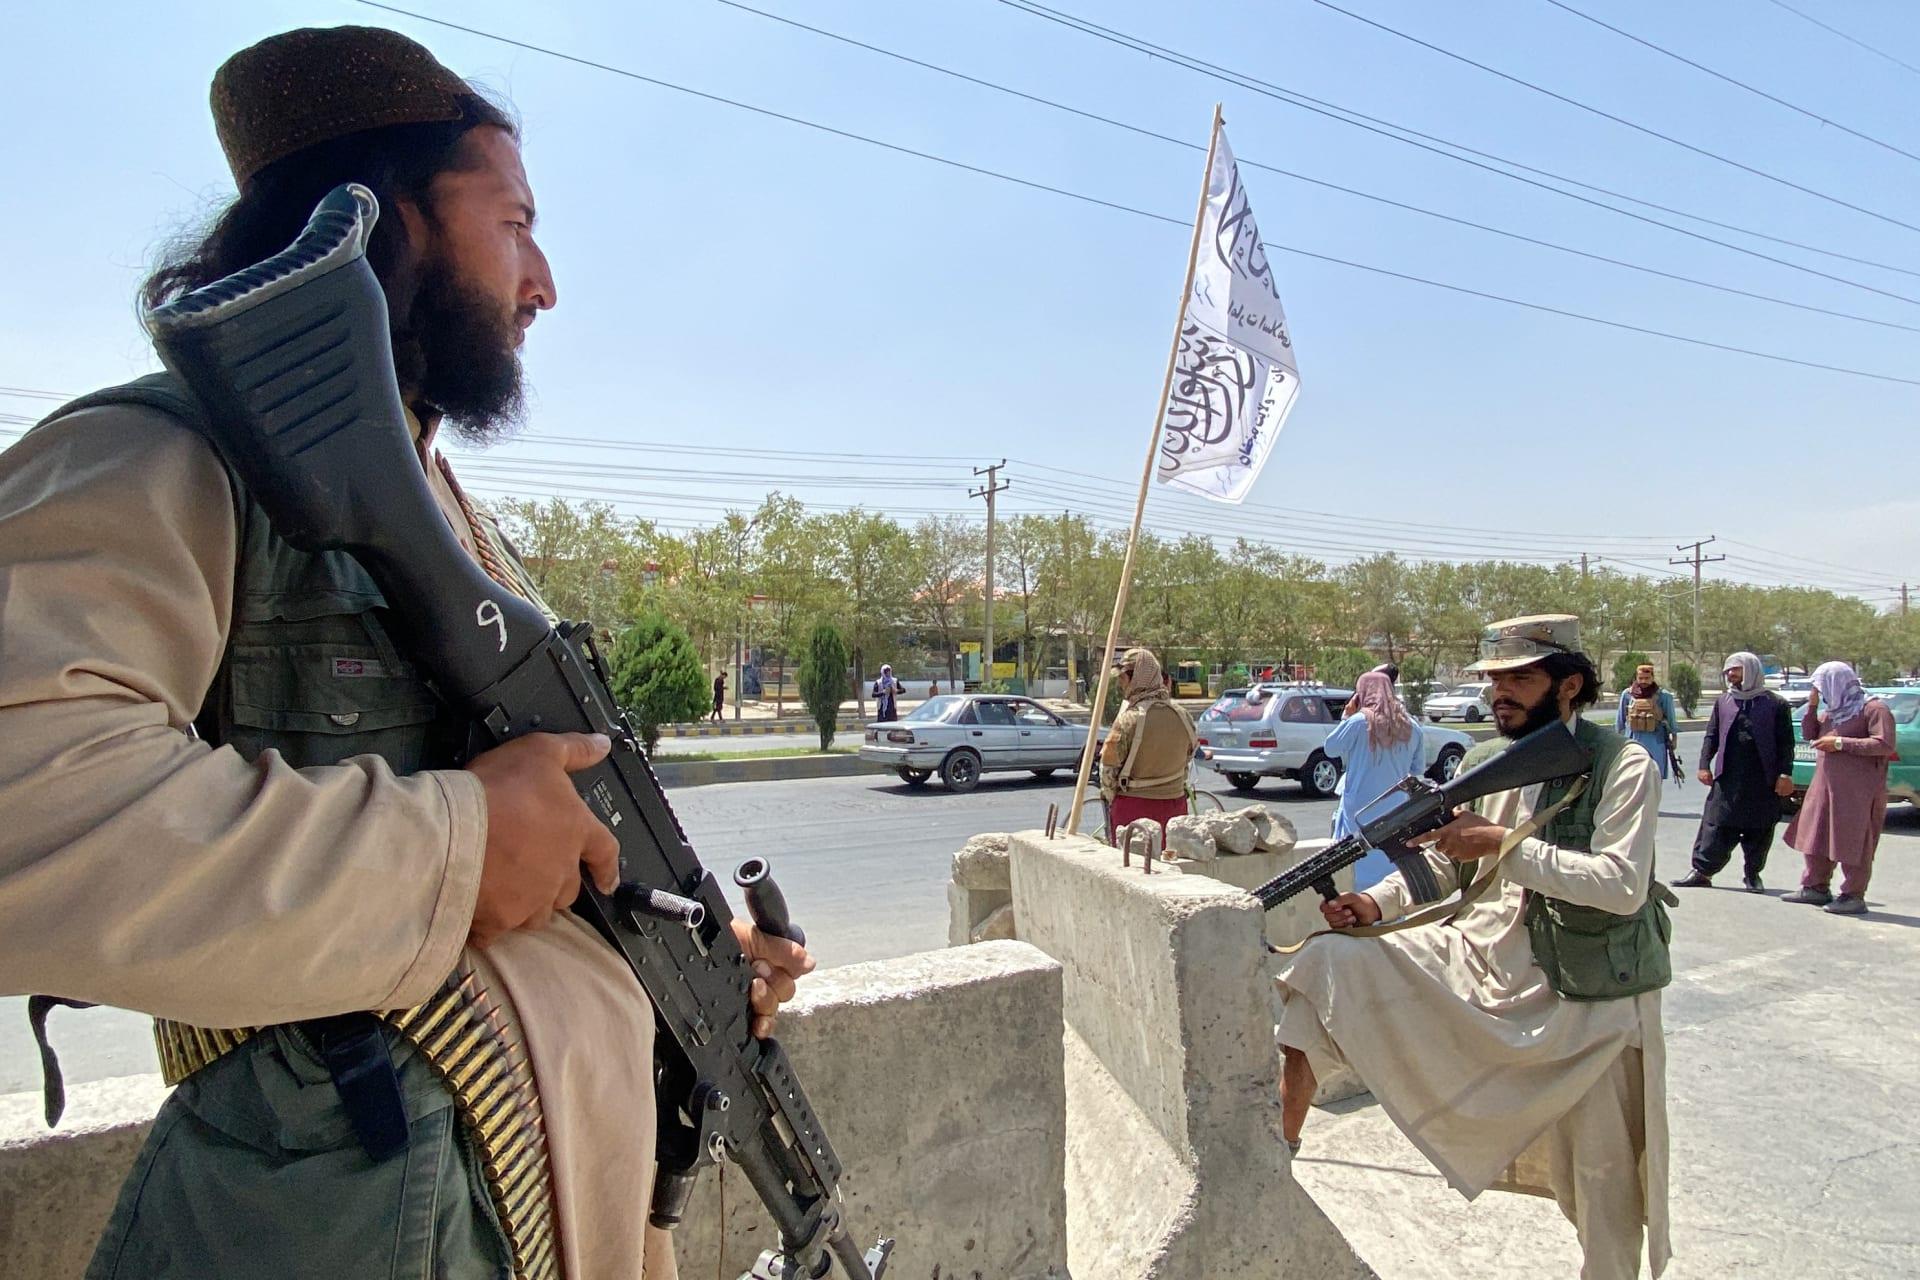 """طالبان تحدد ملامح حكم """"الإمارة الإسلامية"""" بعد السيطرة على أفغانستان"""